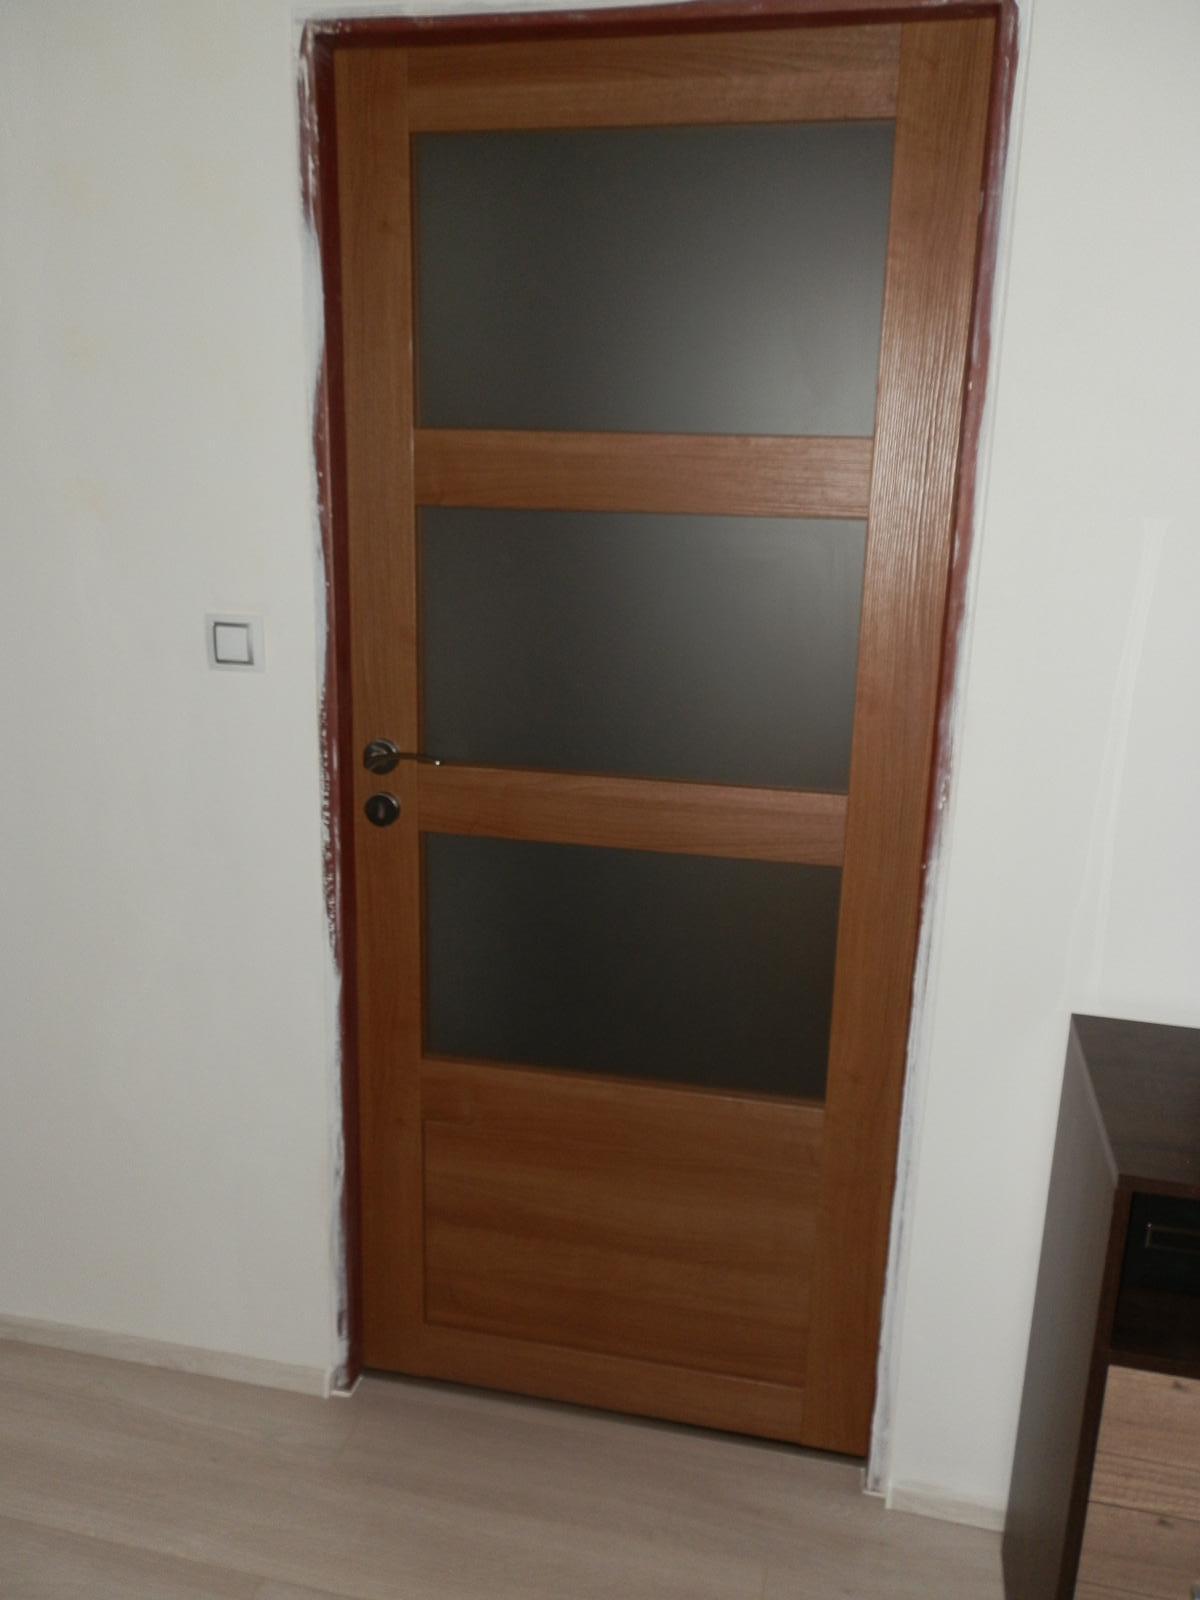 Náš byt v domě- rekonstrukce - Obrázek č. 272